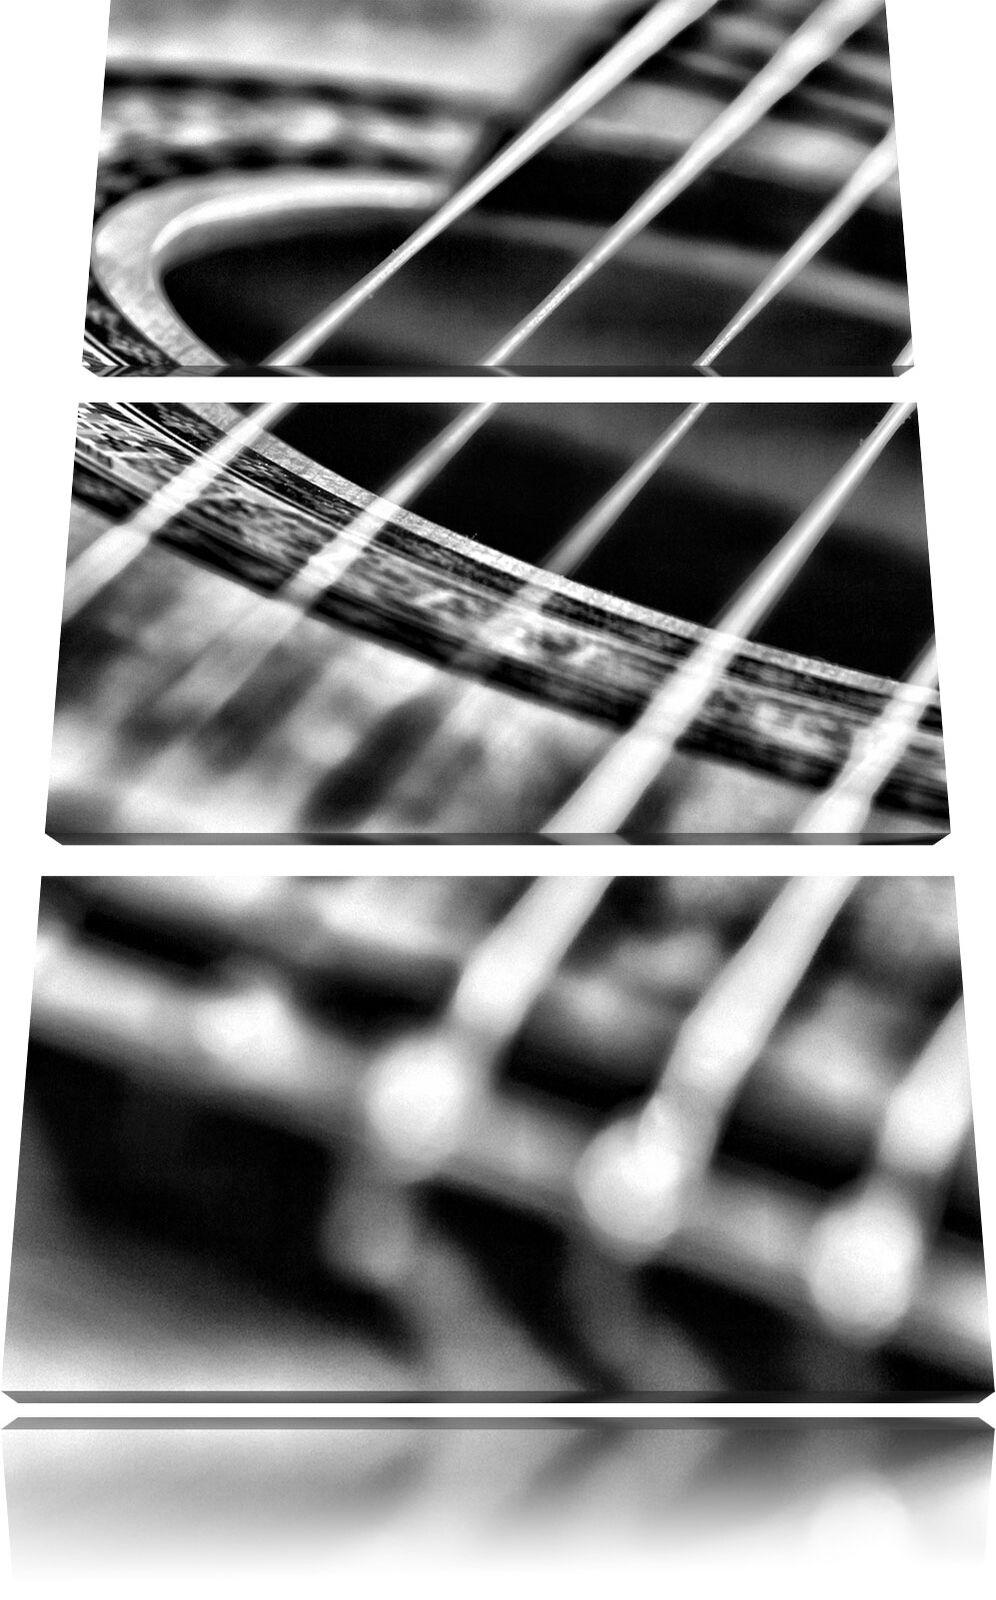 Cuerdas de Guitarra Music Music Music 3-Teiler Foto en Lienzo Decoración Pa rojo  Impresión df0921